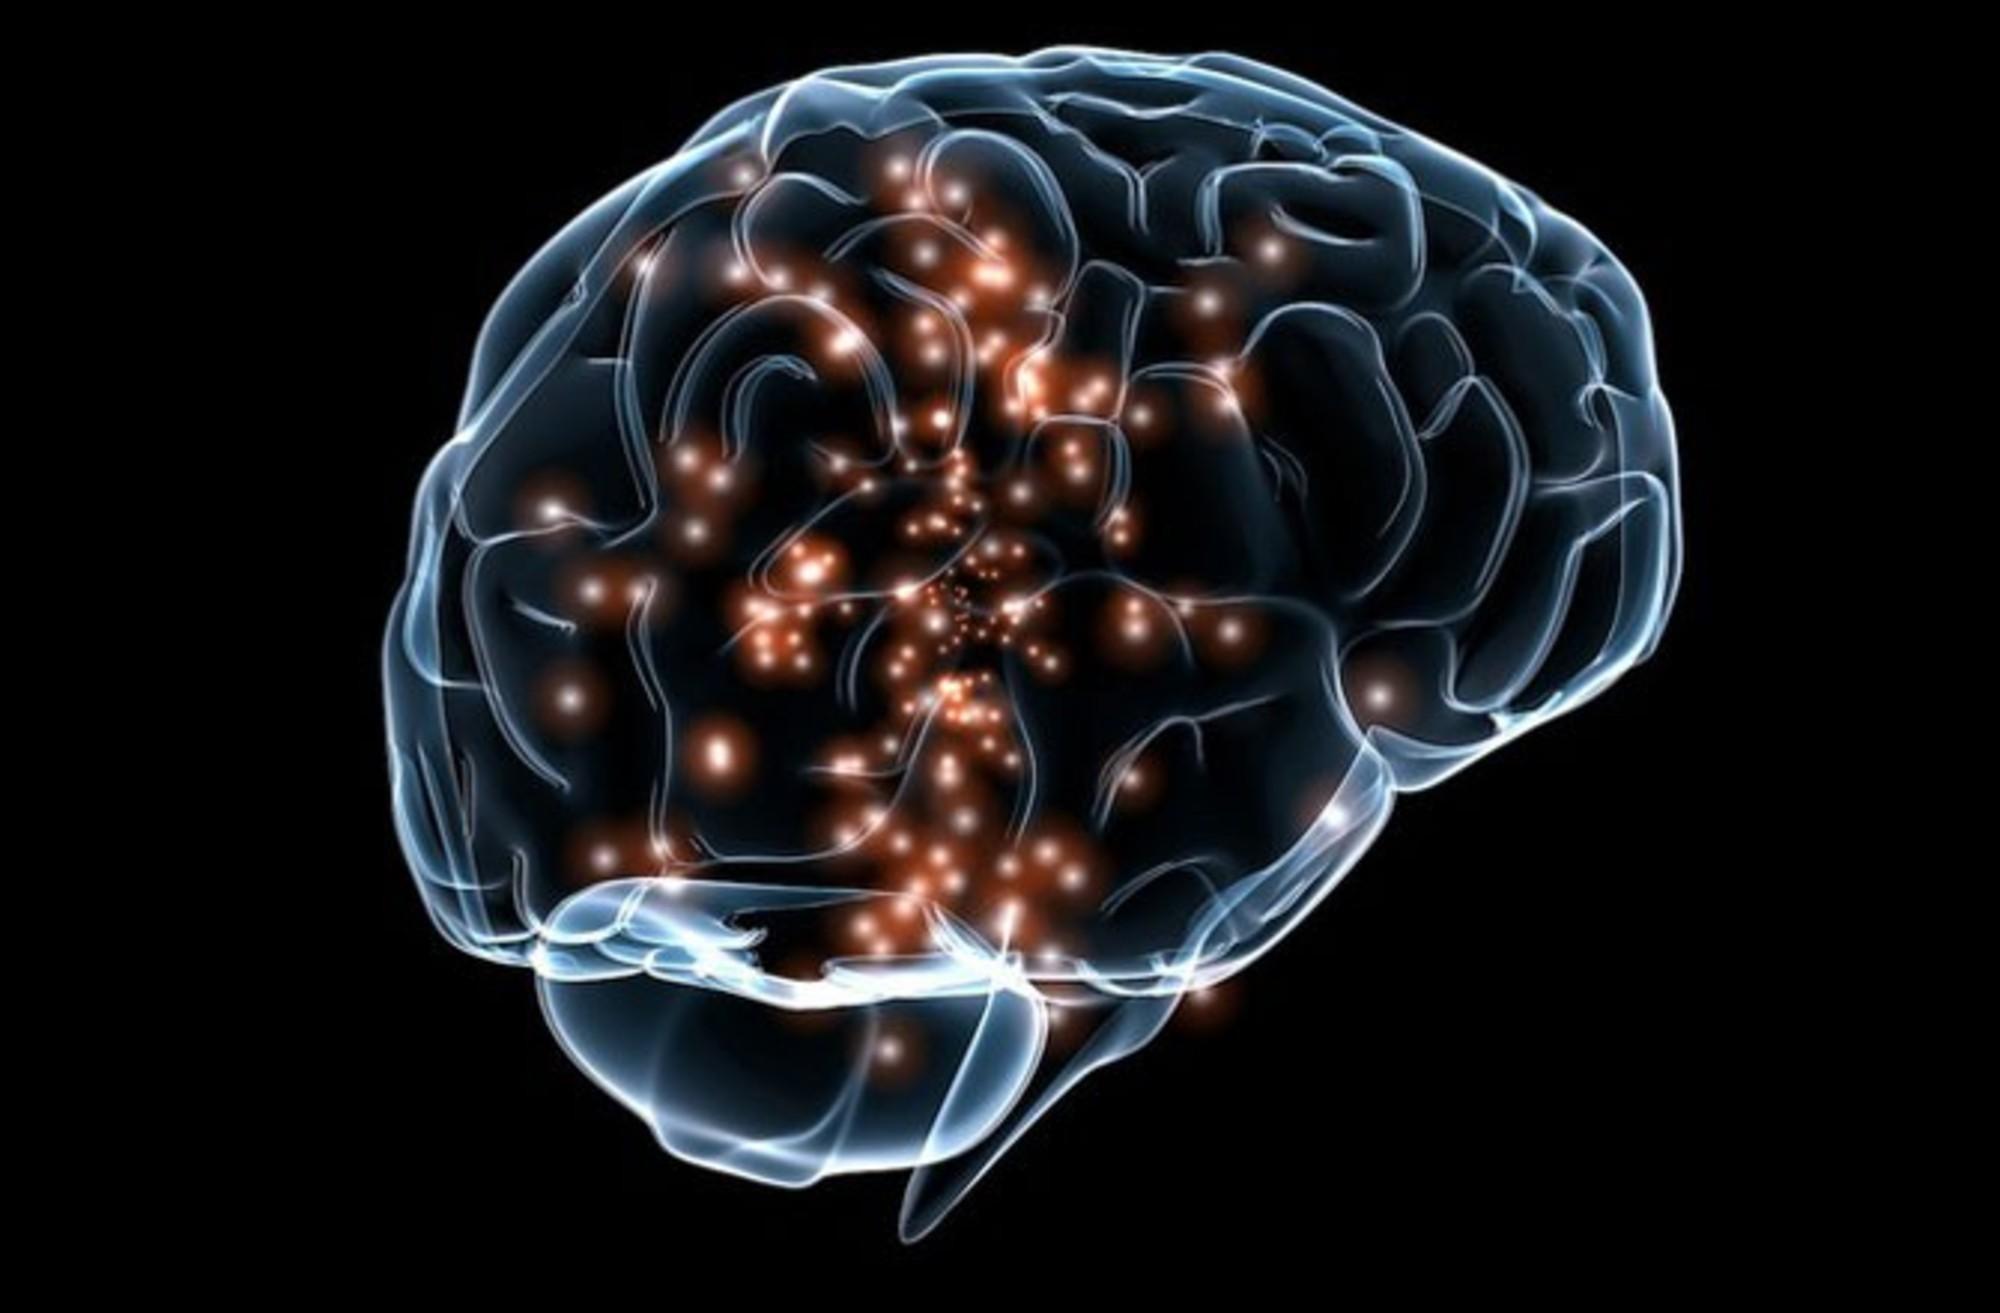 Исследование на предмет воздействия аквариумной среды на психологическое и физиологическое состояние индивида